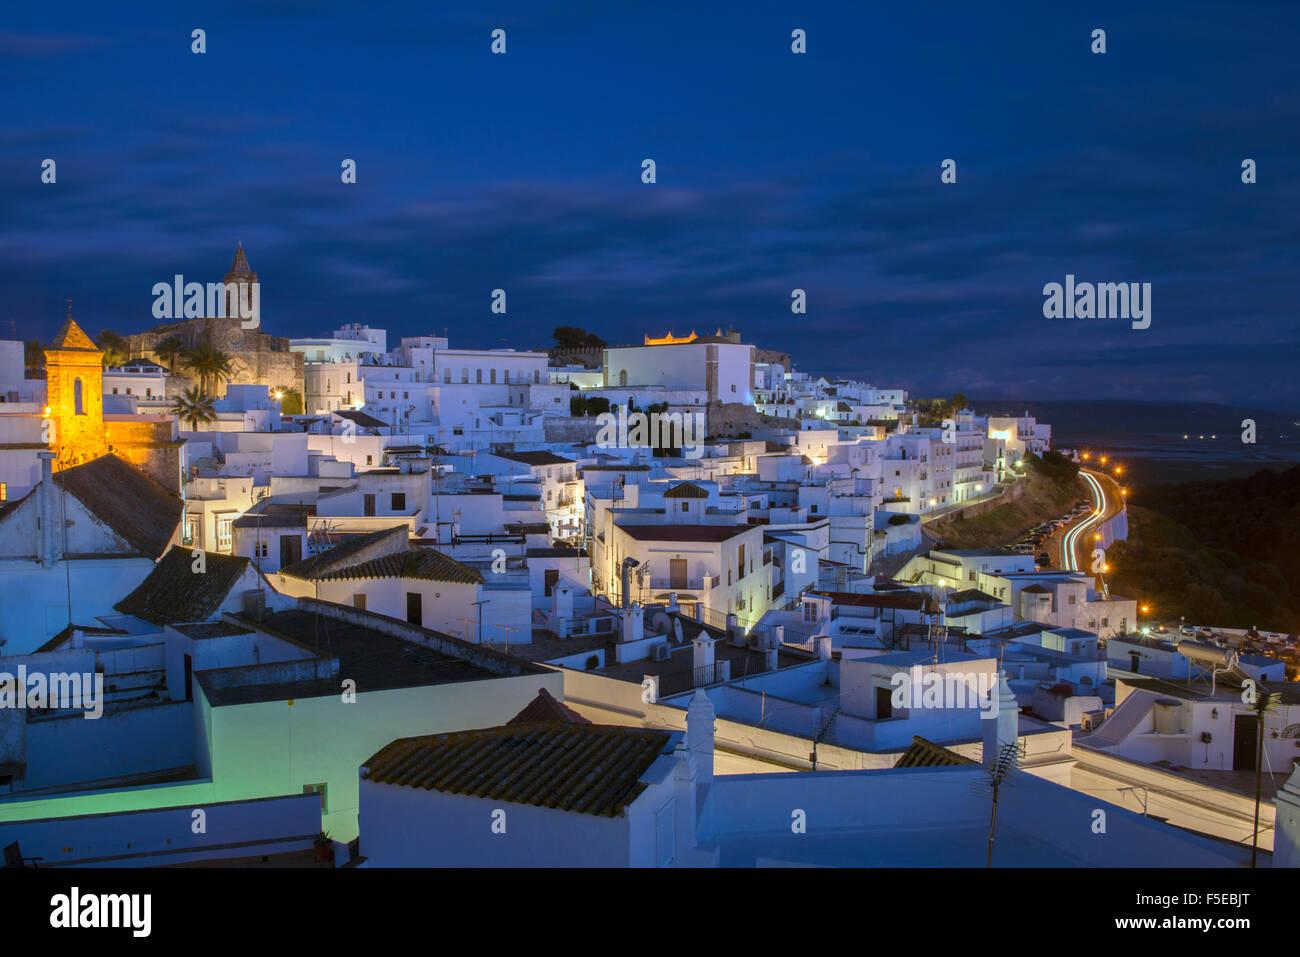 Soir sur les toits de la village blanc (Pueblos blanca) de Vejer de la Frontera, province de Cadiz, Andalousie, Photo Stock